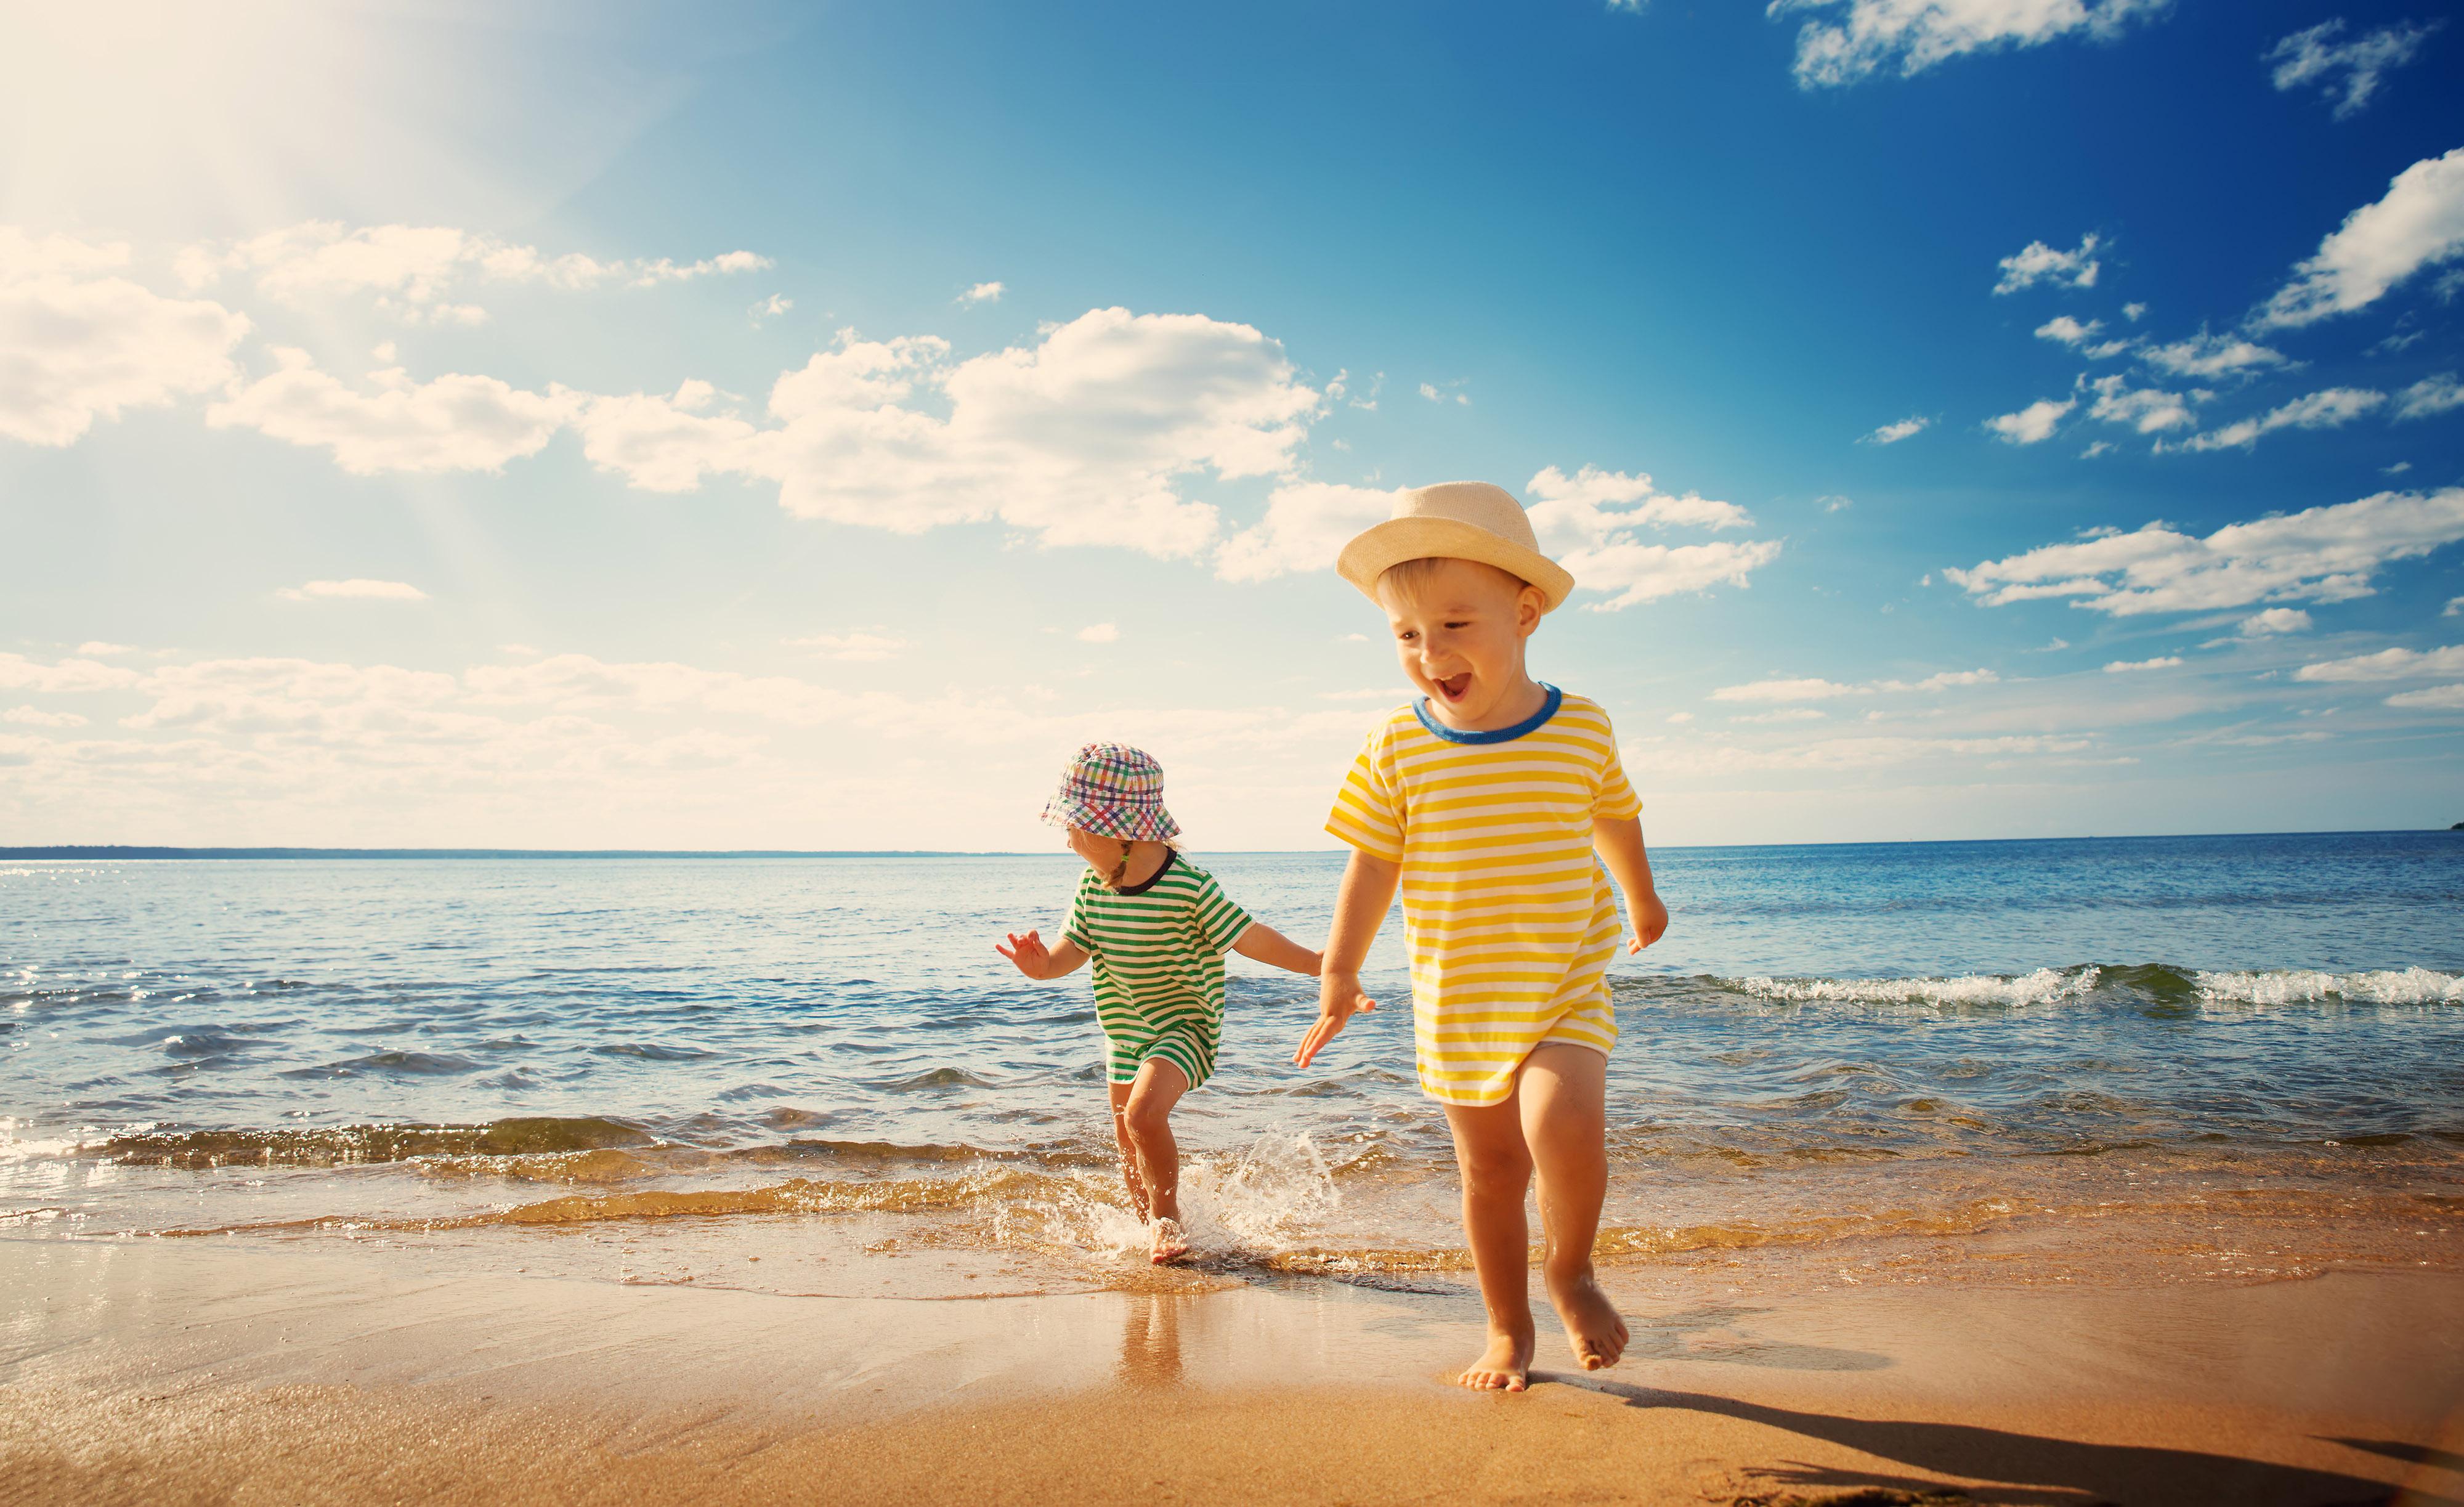 Menino e menina brincando na praia - editado